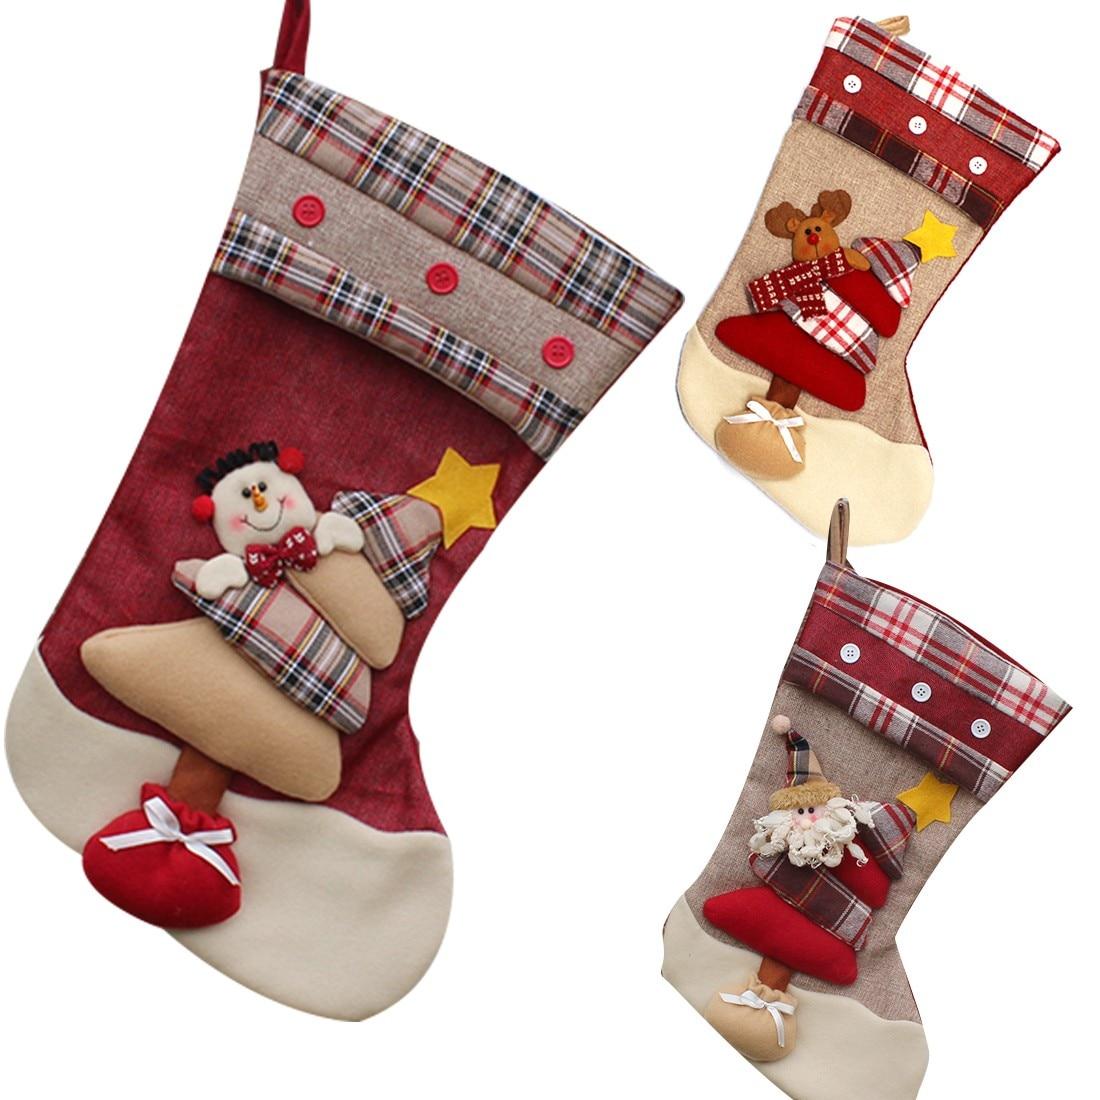 ᐂAño Nuevo Navidad calcetines decoración del embalaje del regalo de ...